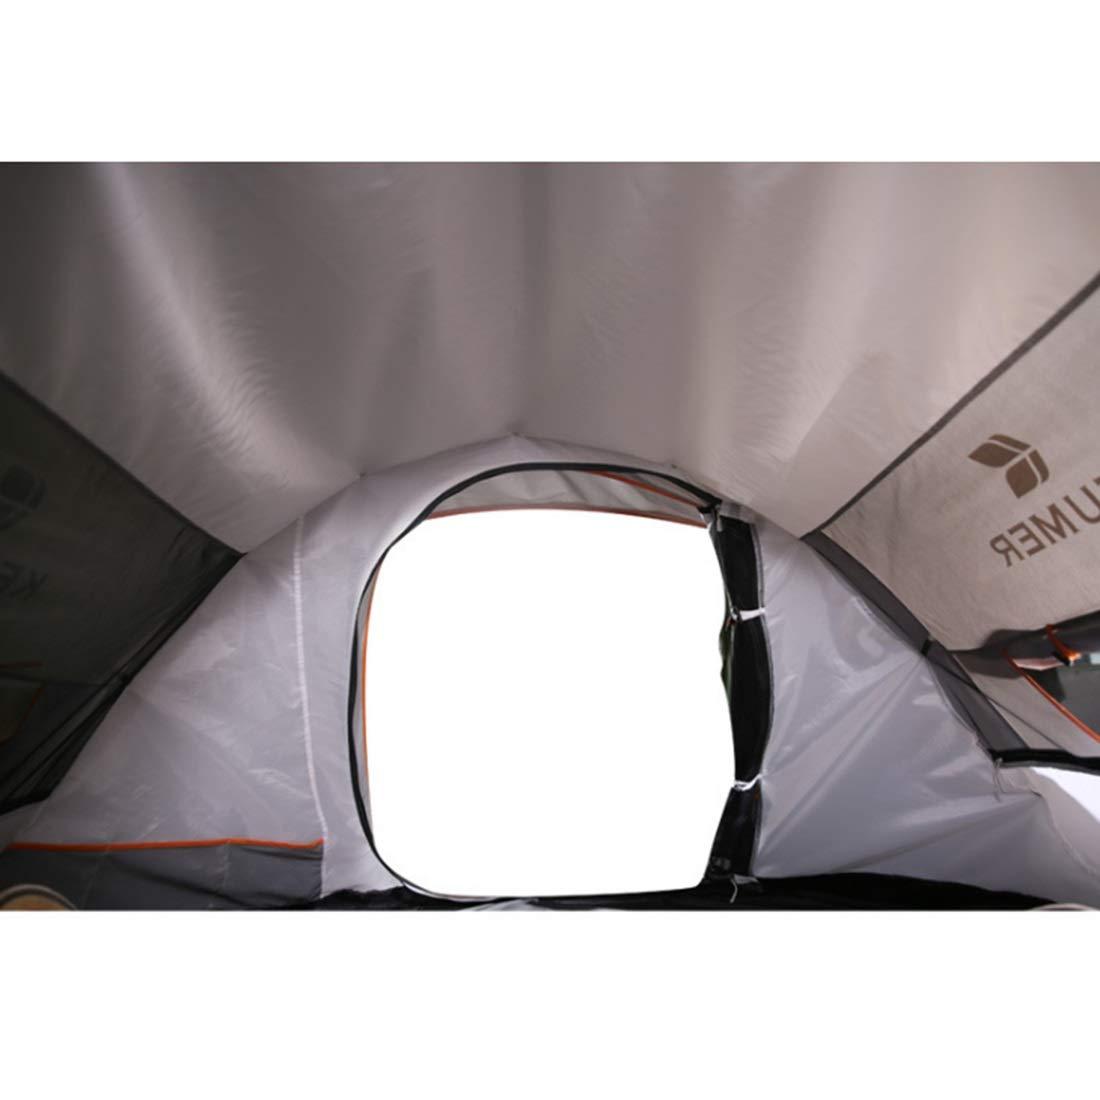 Igspfbjn Winddichtes Zelt Zelt Zelt 3 Personen oder 4 Personen (Farbe   braun) B07KXFPMV2 Zelte Modebewegung 44a589